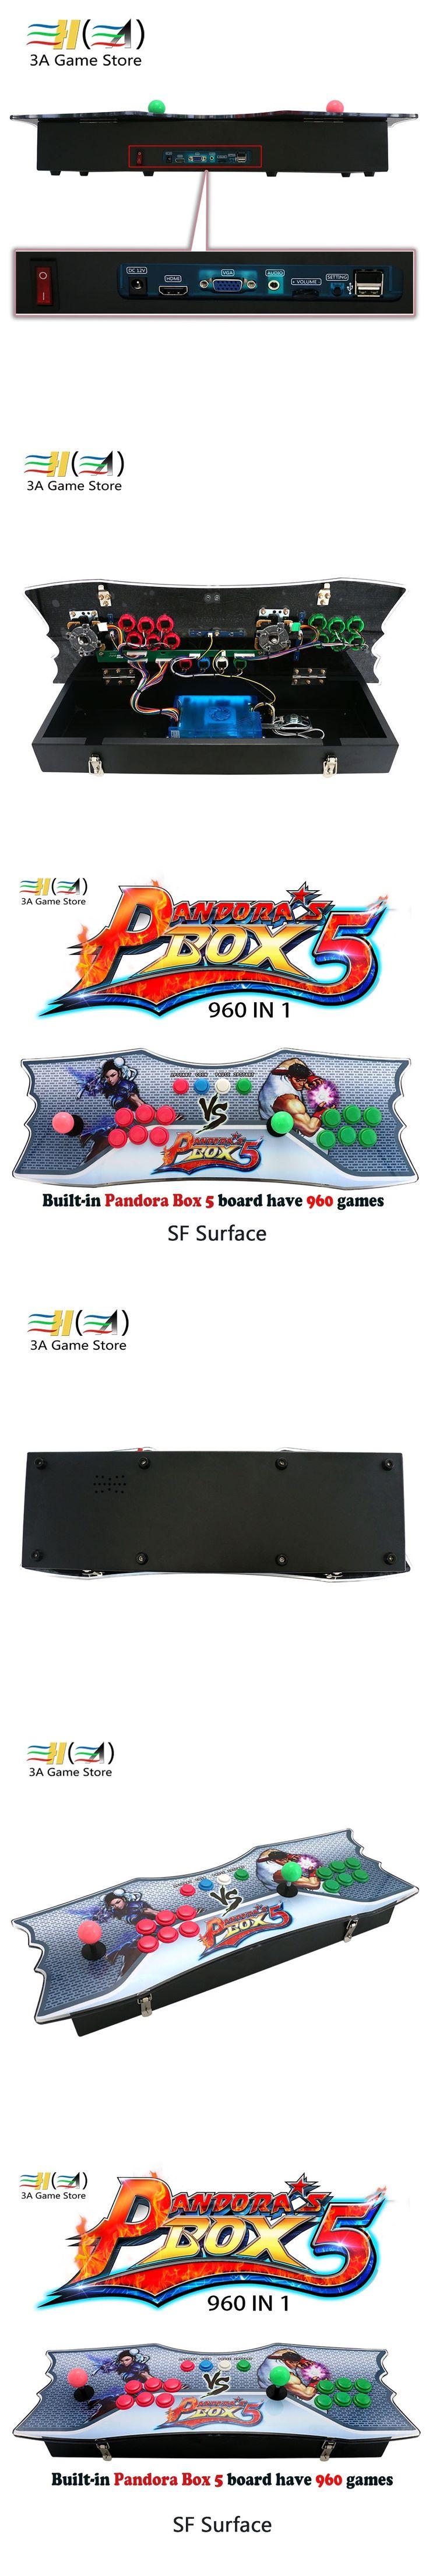 Pandora's box 5 960 in 1 console usb arcade joystick arcade controller zero delay kit 960 games joysticks For pandora box 5